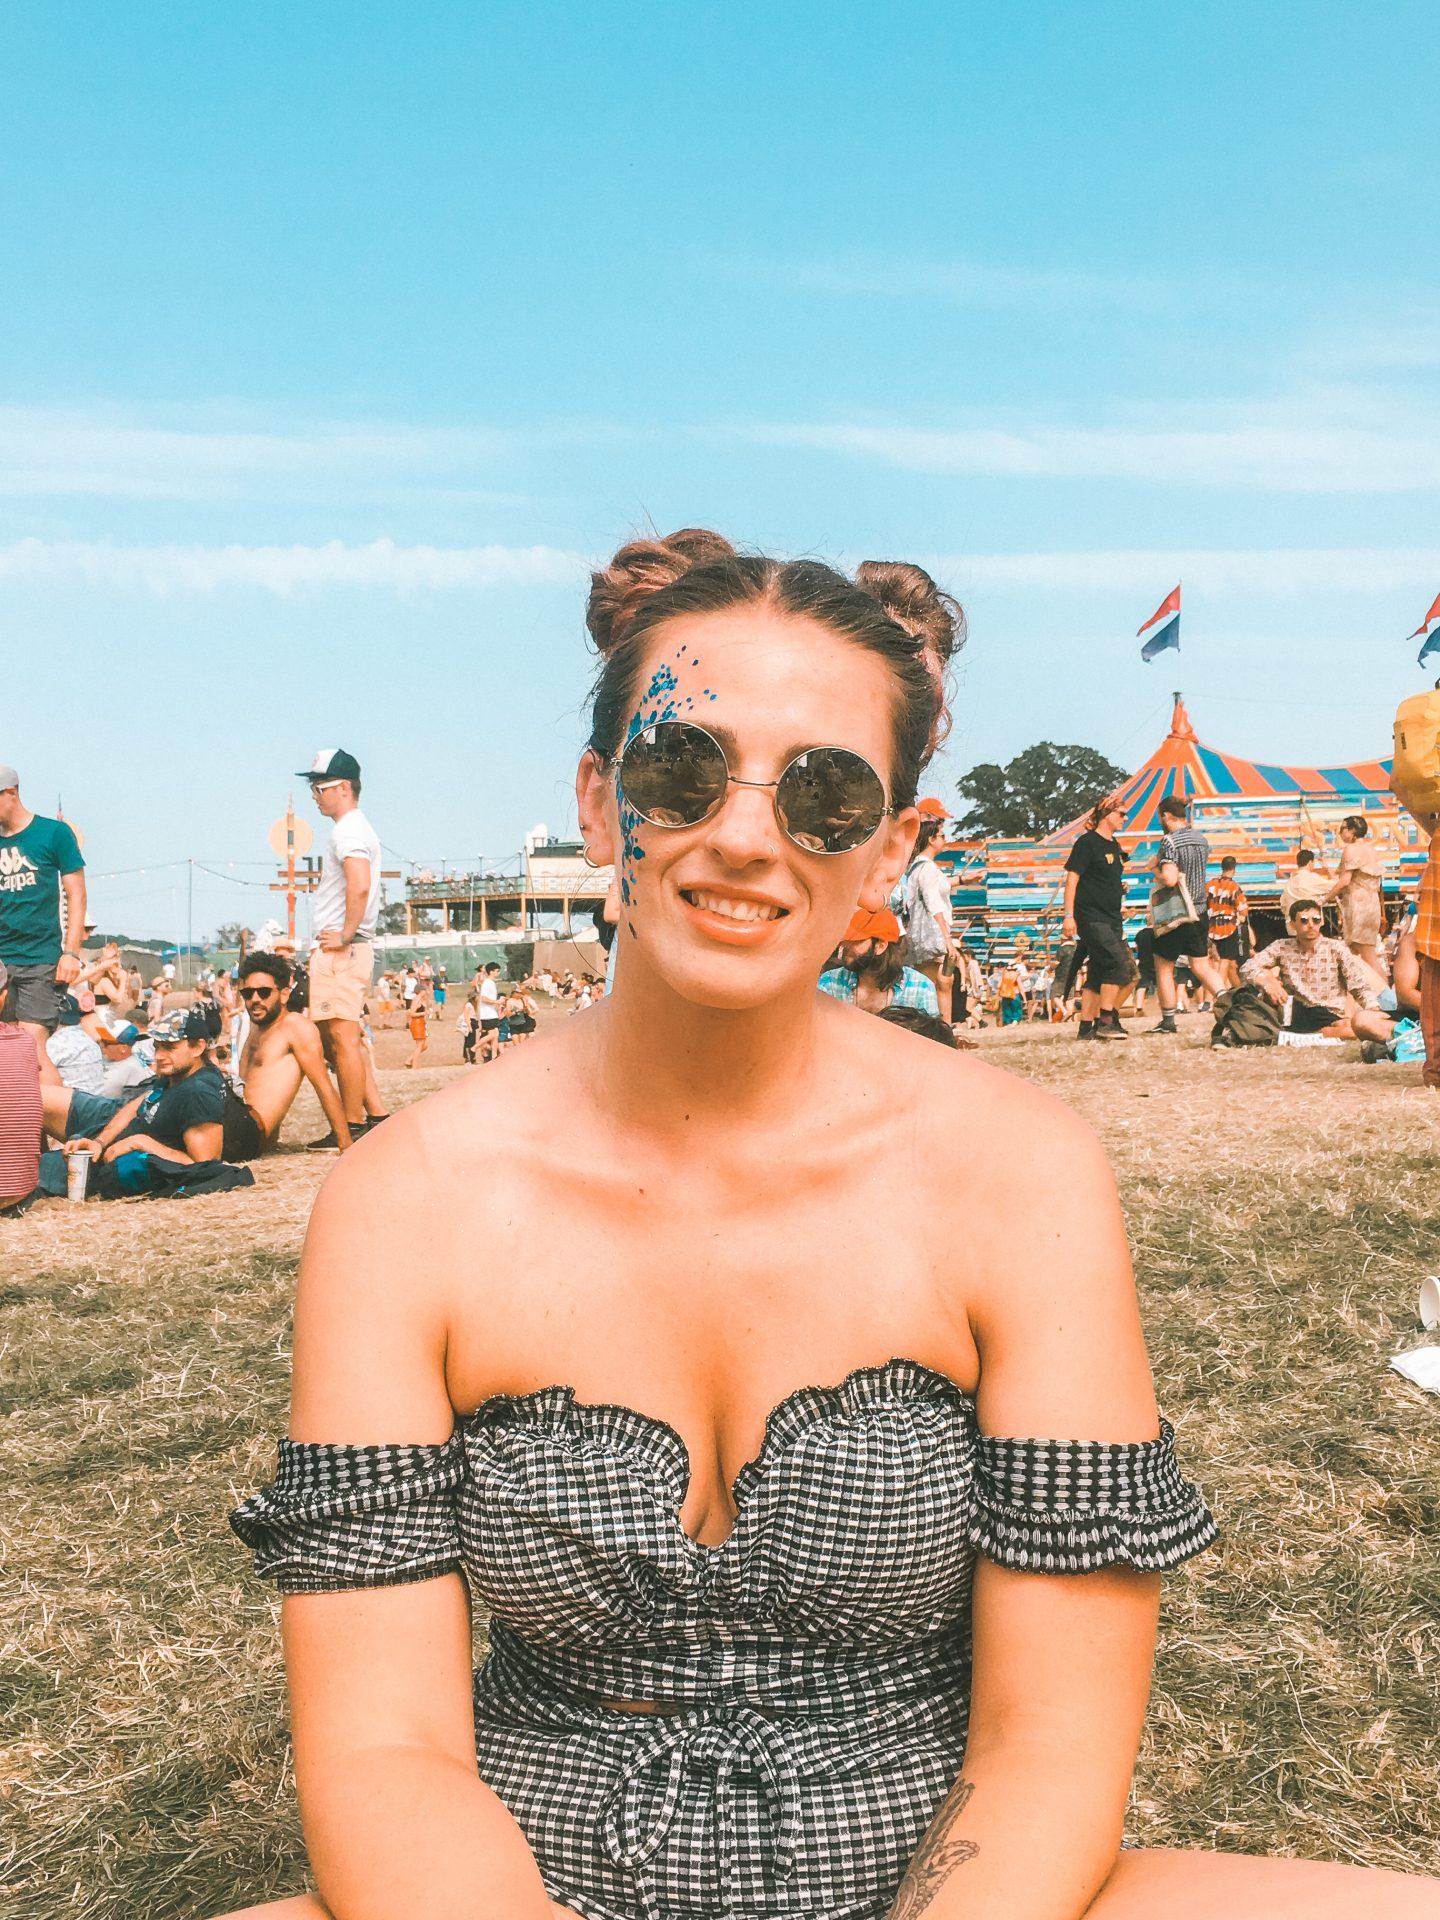 Girl at UK day dance festival